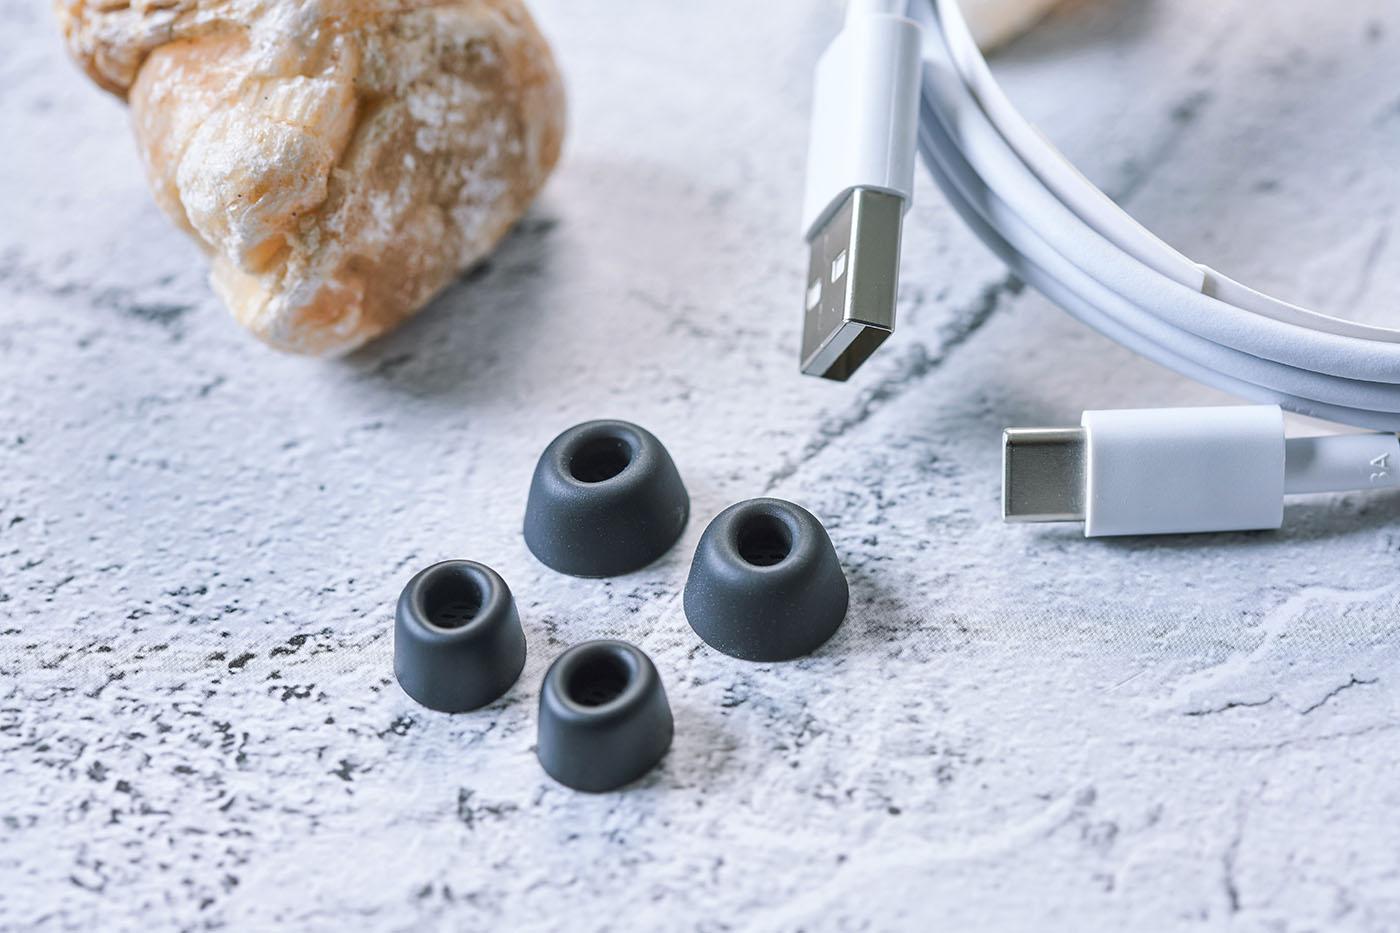 有關耳機外部與周邊附件,最後則是隨器材附搭的USB-C 線材,以及另外兩組矽膠耳塞,用家可以依據自己耳道的尺寸,選擇不同耳塞使用,且FreeBuds Pro 搭配的獨家「智慧生活」APP,也能對耳機配戴時與耳朵的貼合度偵測,讓用家可以挑選到最適配的耳塞使用。